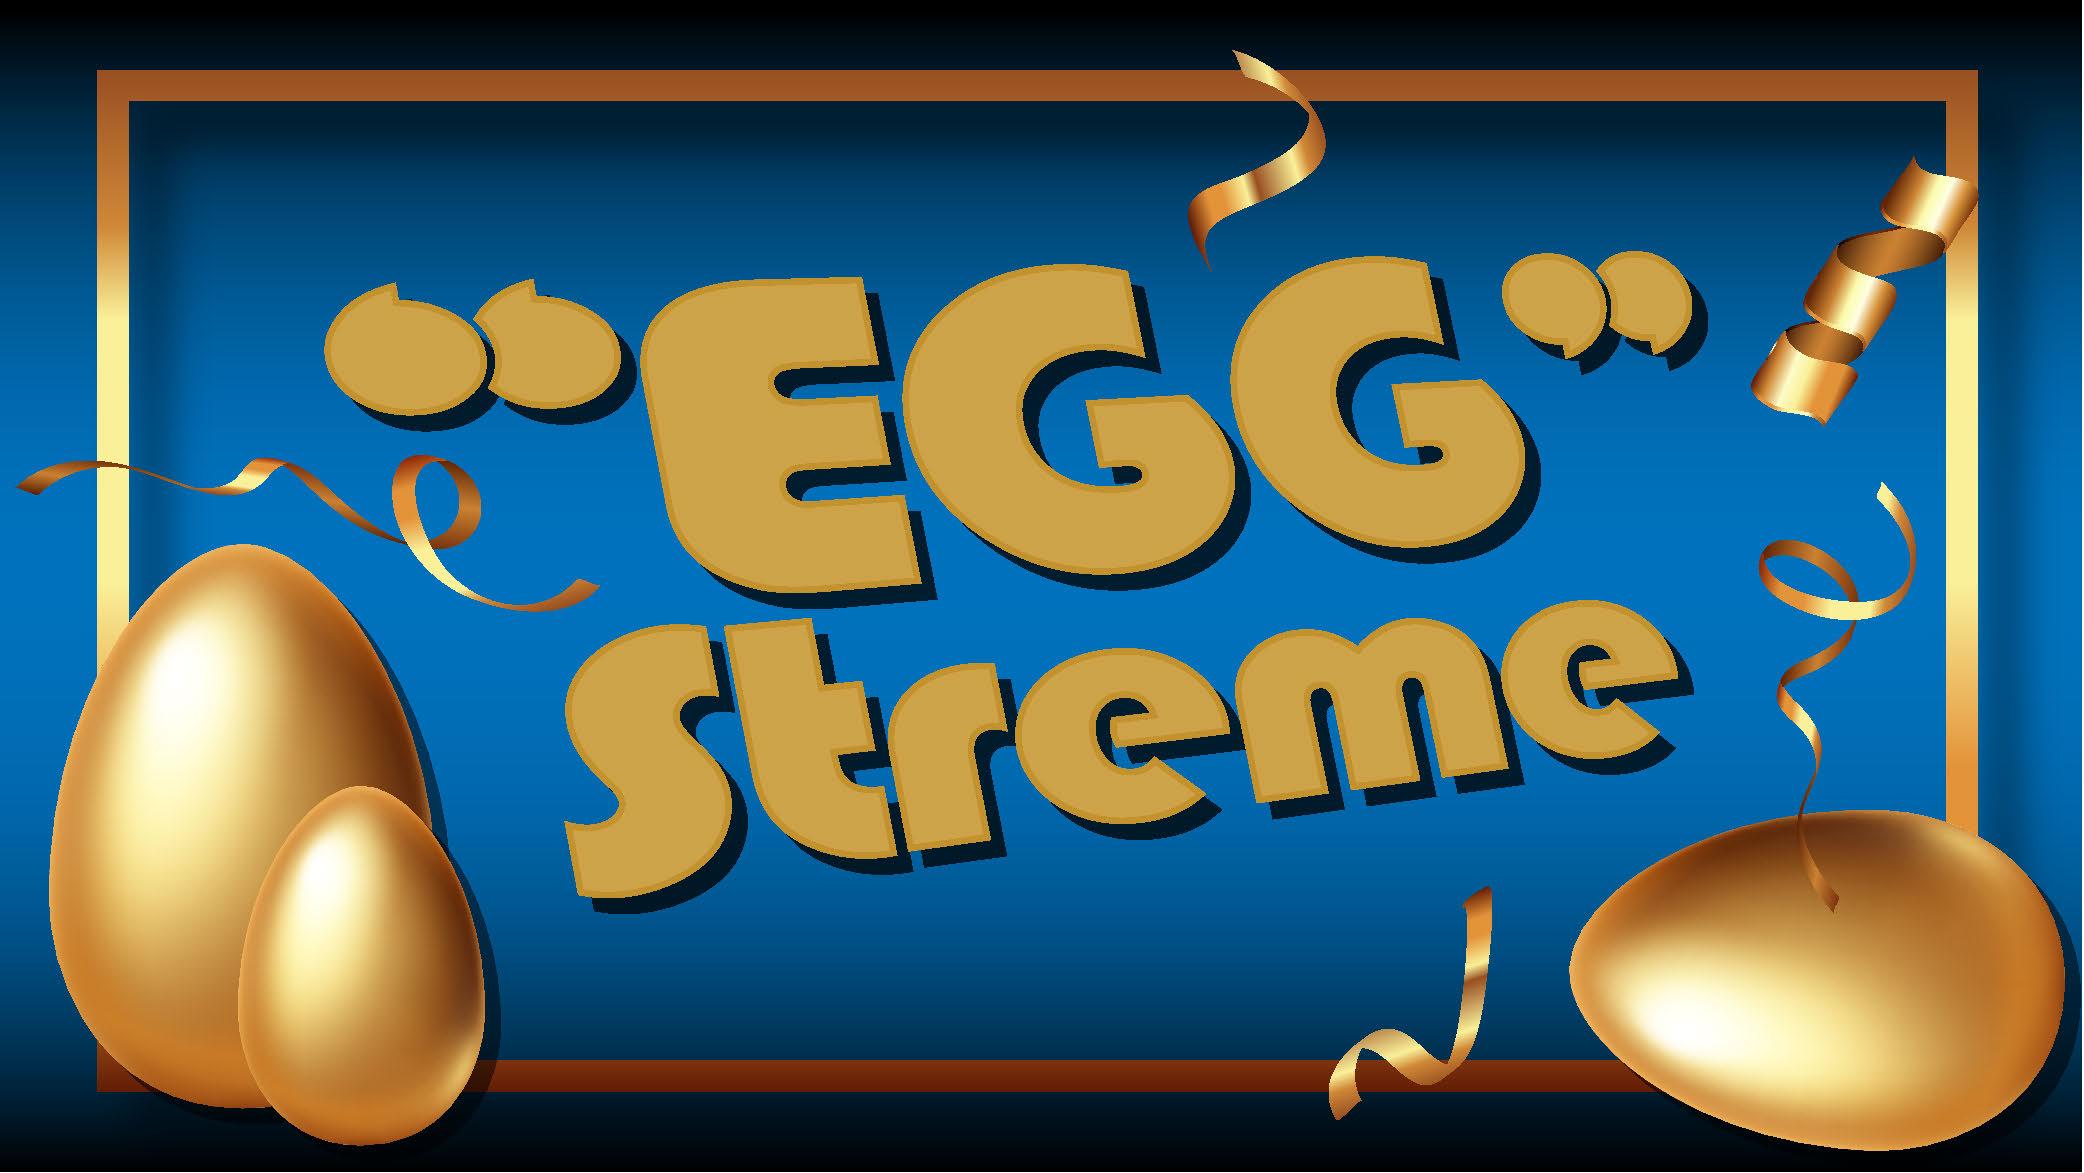 Egg-Streme